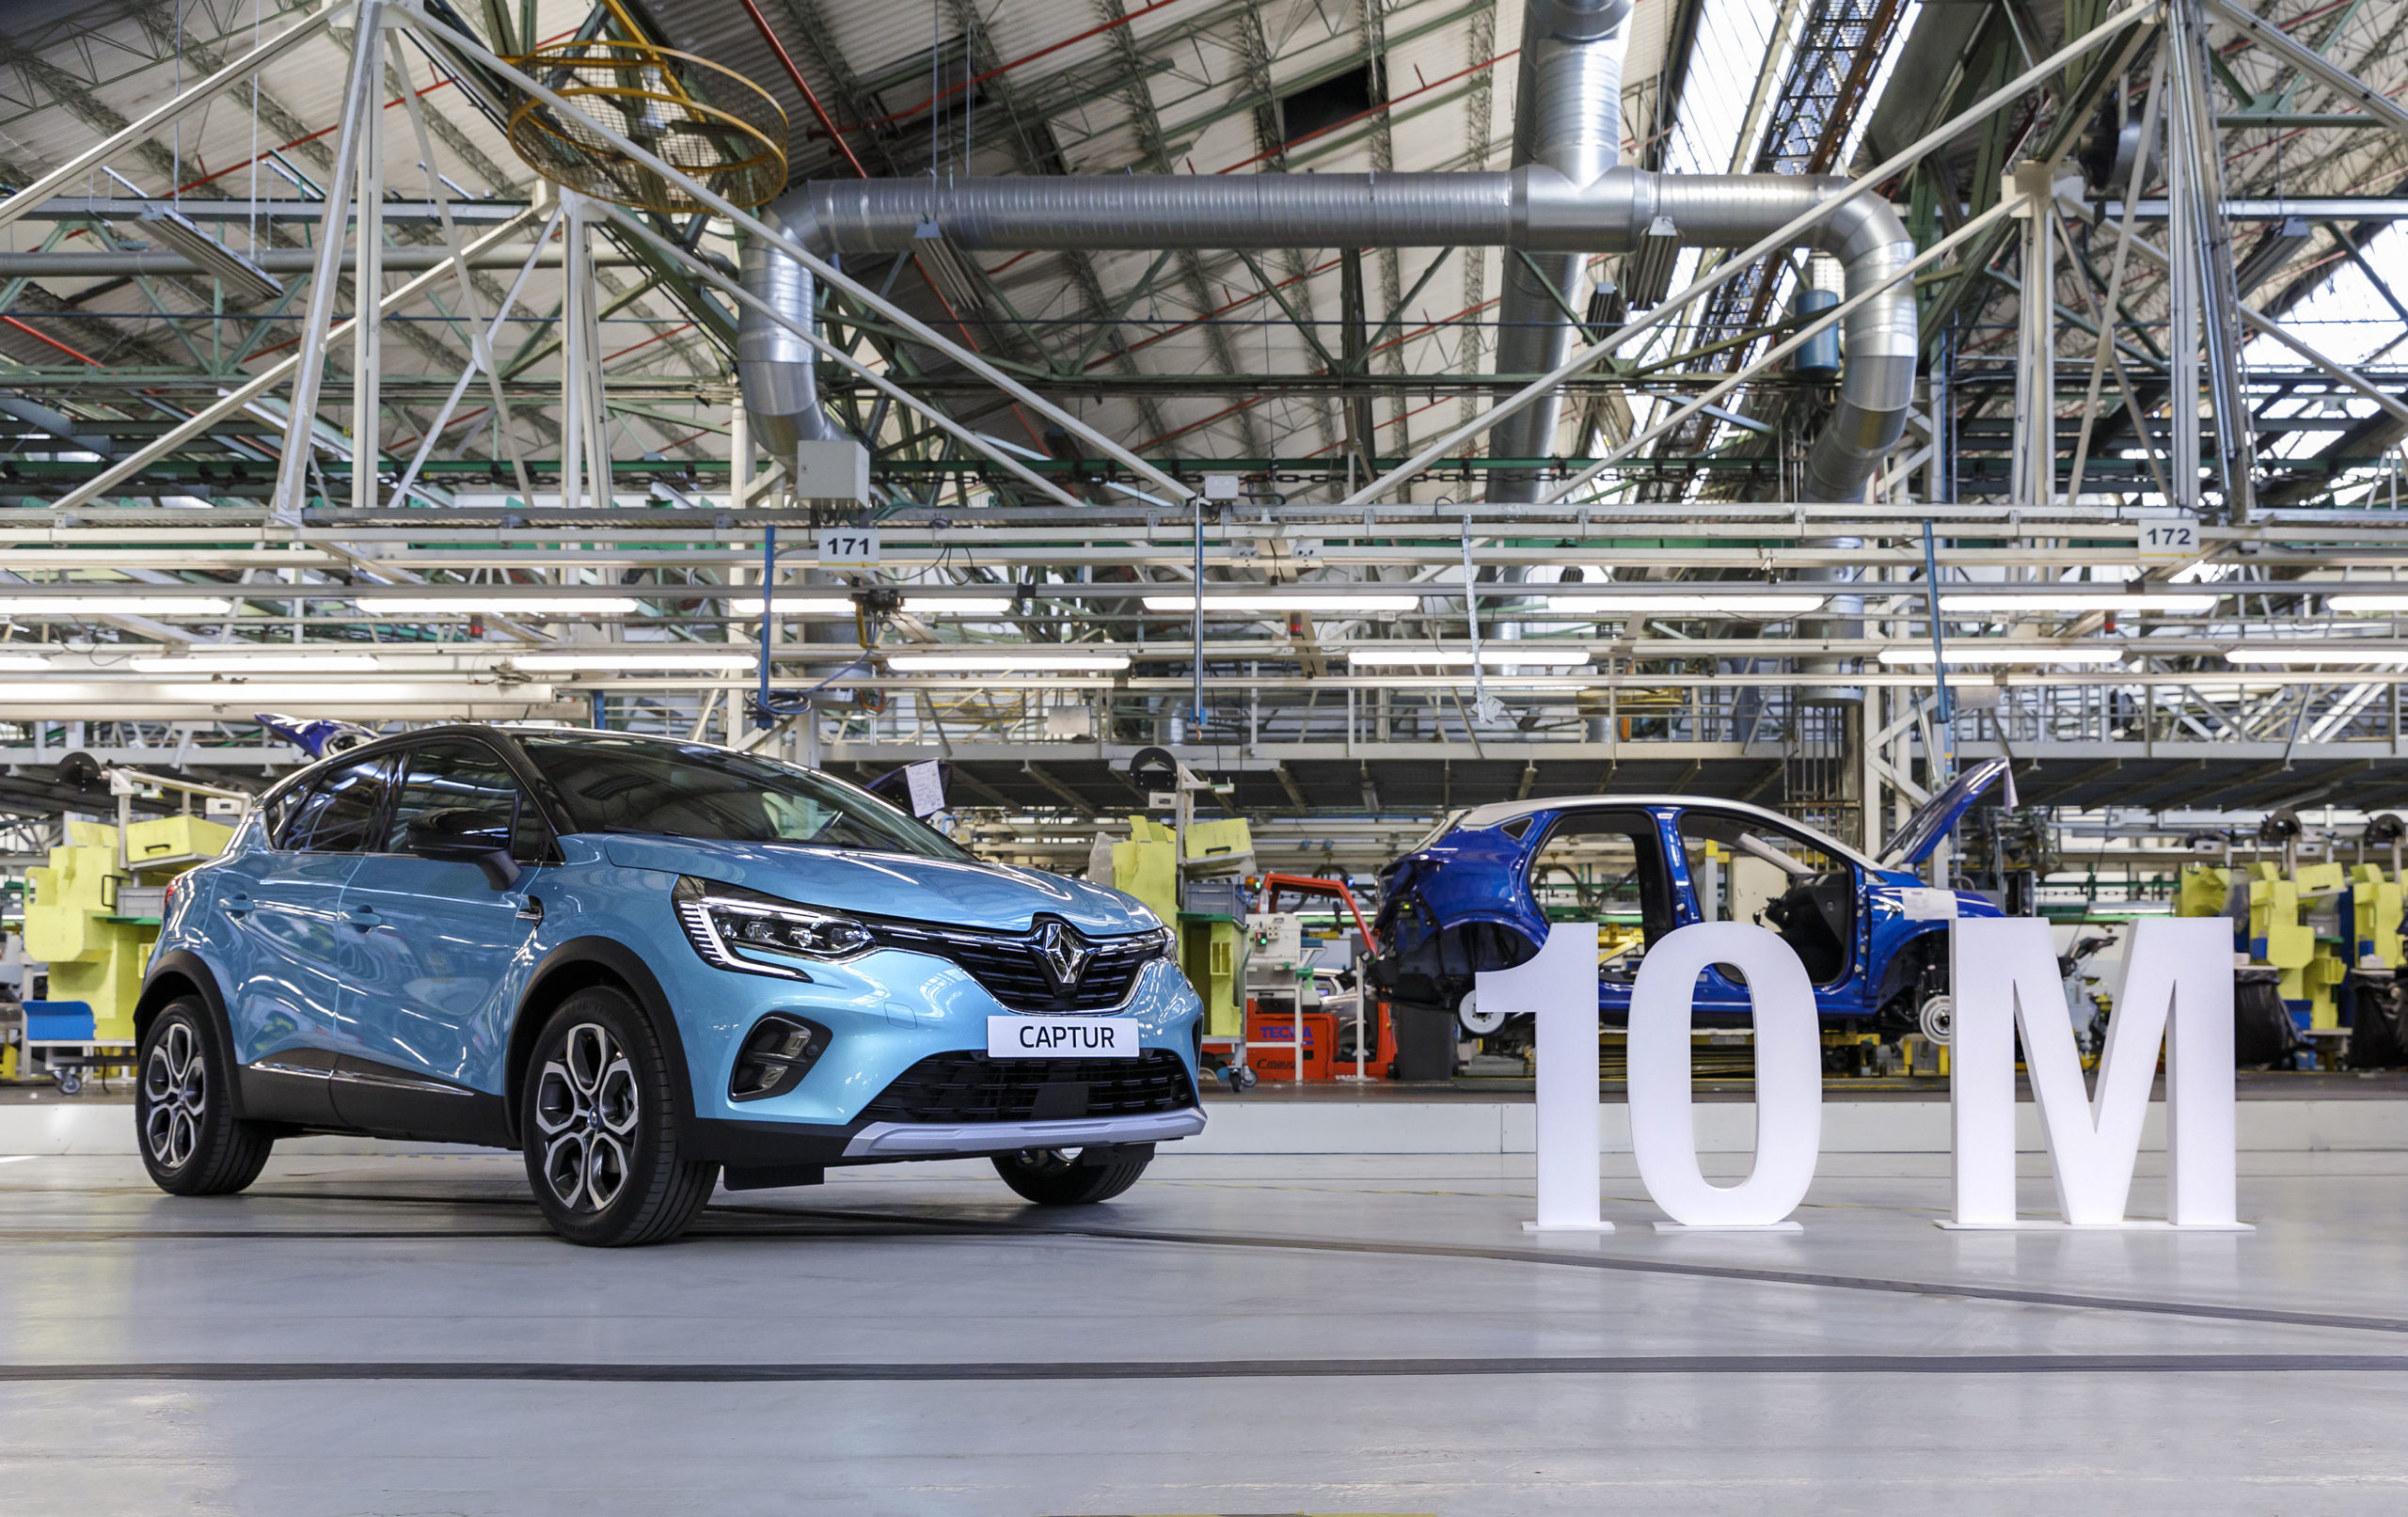 La Fábrica de Valladolid de Renault fabrica su vehículo 10 mill.